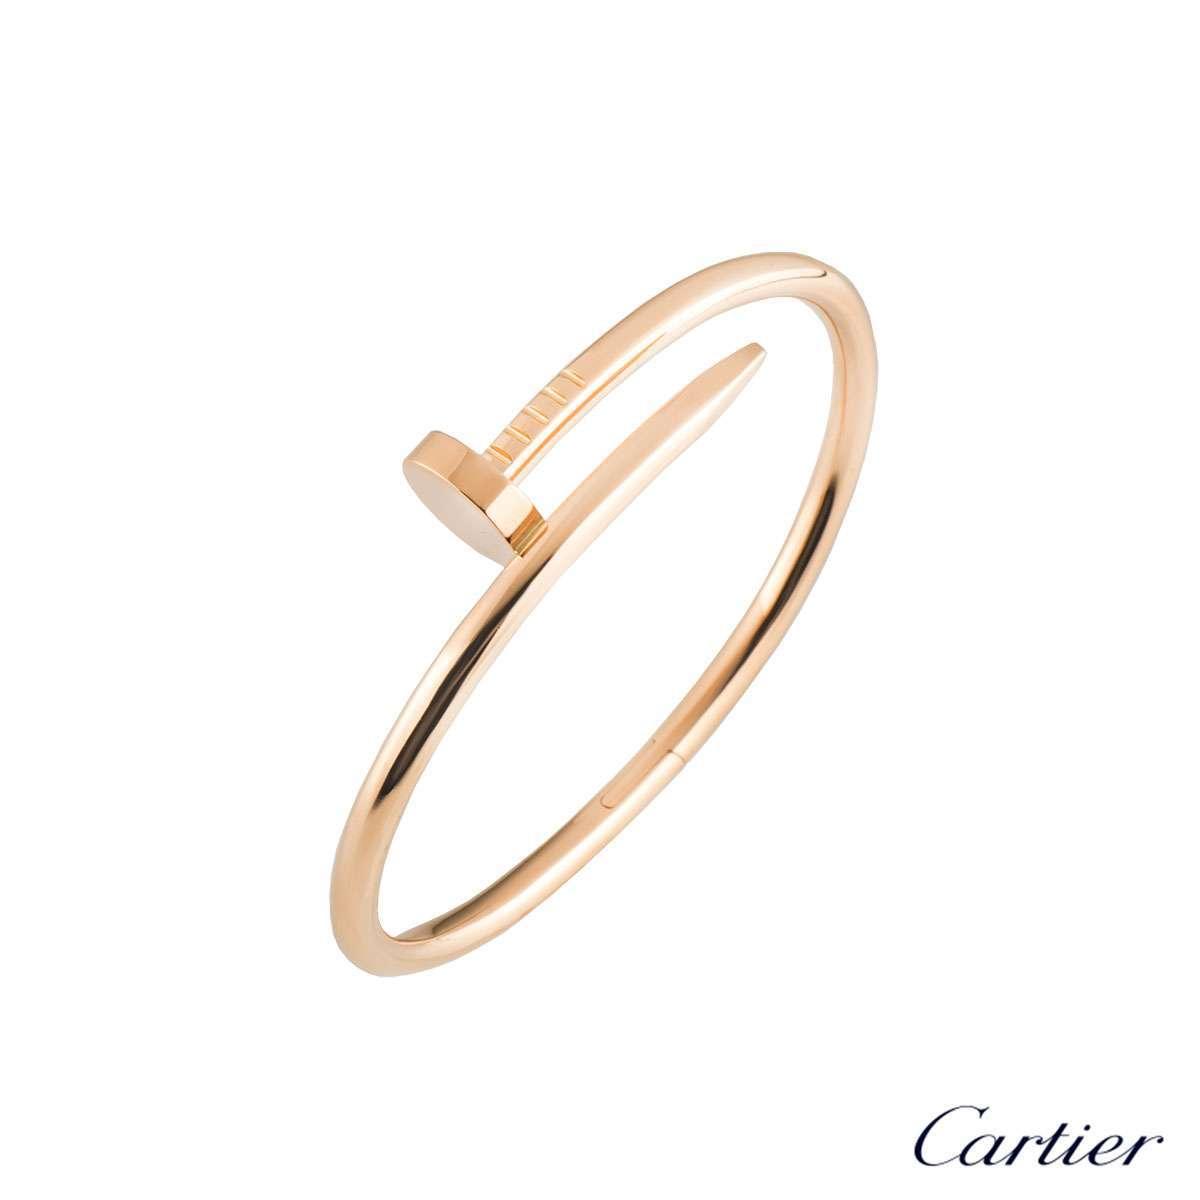 CartierRose Gold Juste Un Clou Bracelet Size18B6037718